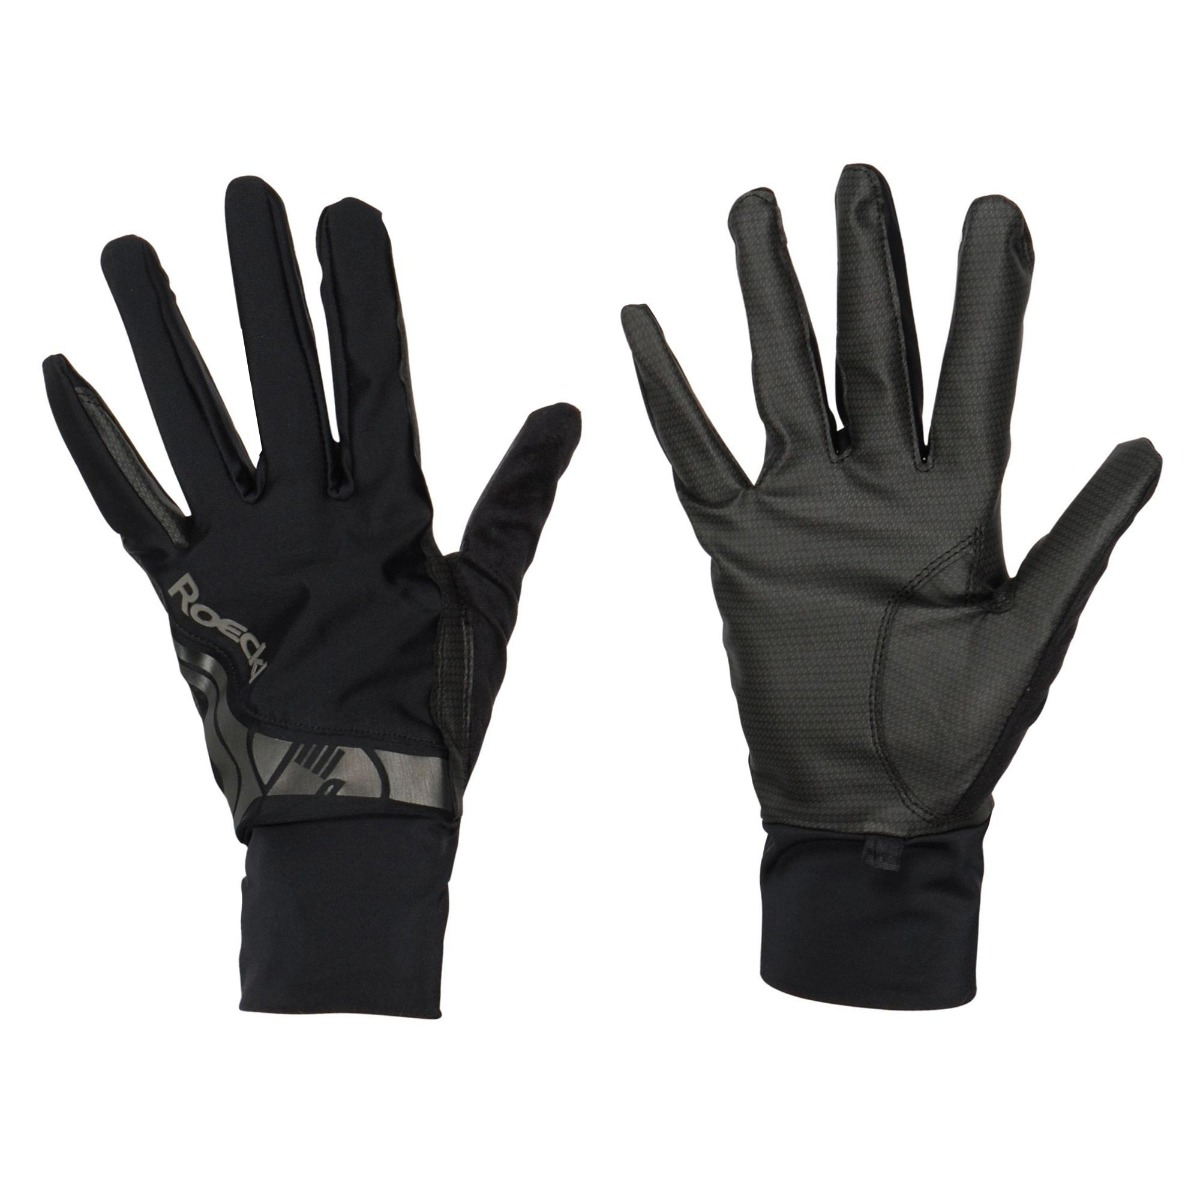 Roeckl Melbourne handschoen zwart maat:7,5